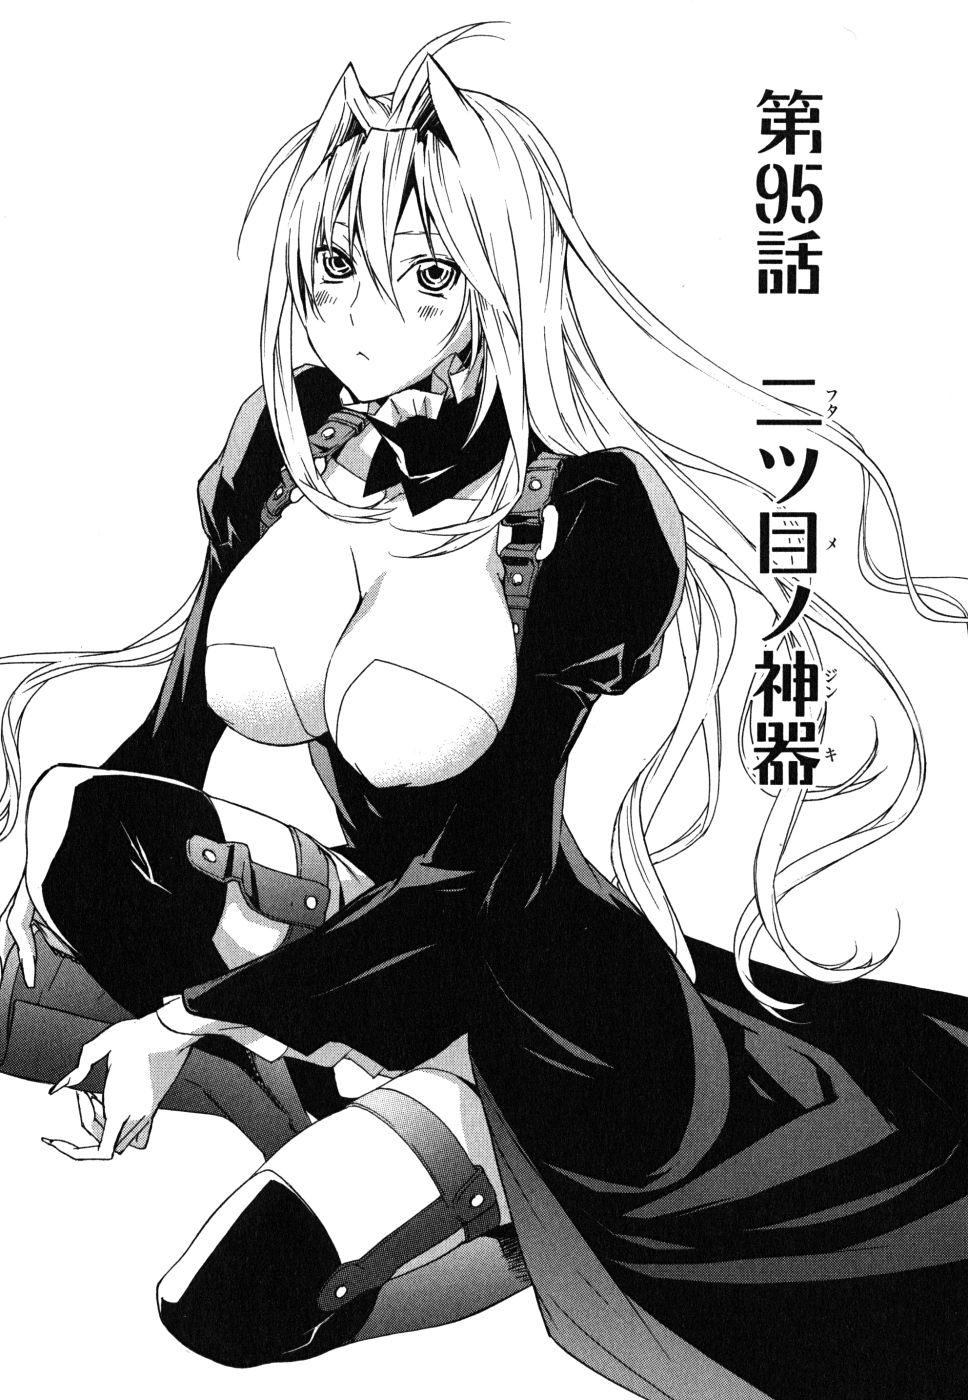 Sekirei manga chapter 095.jpg